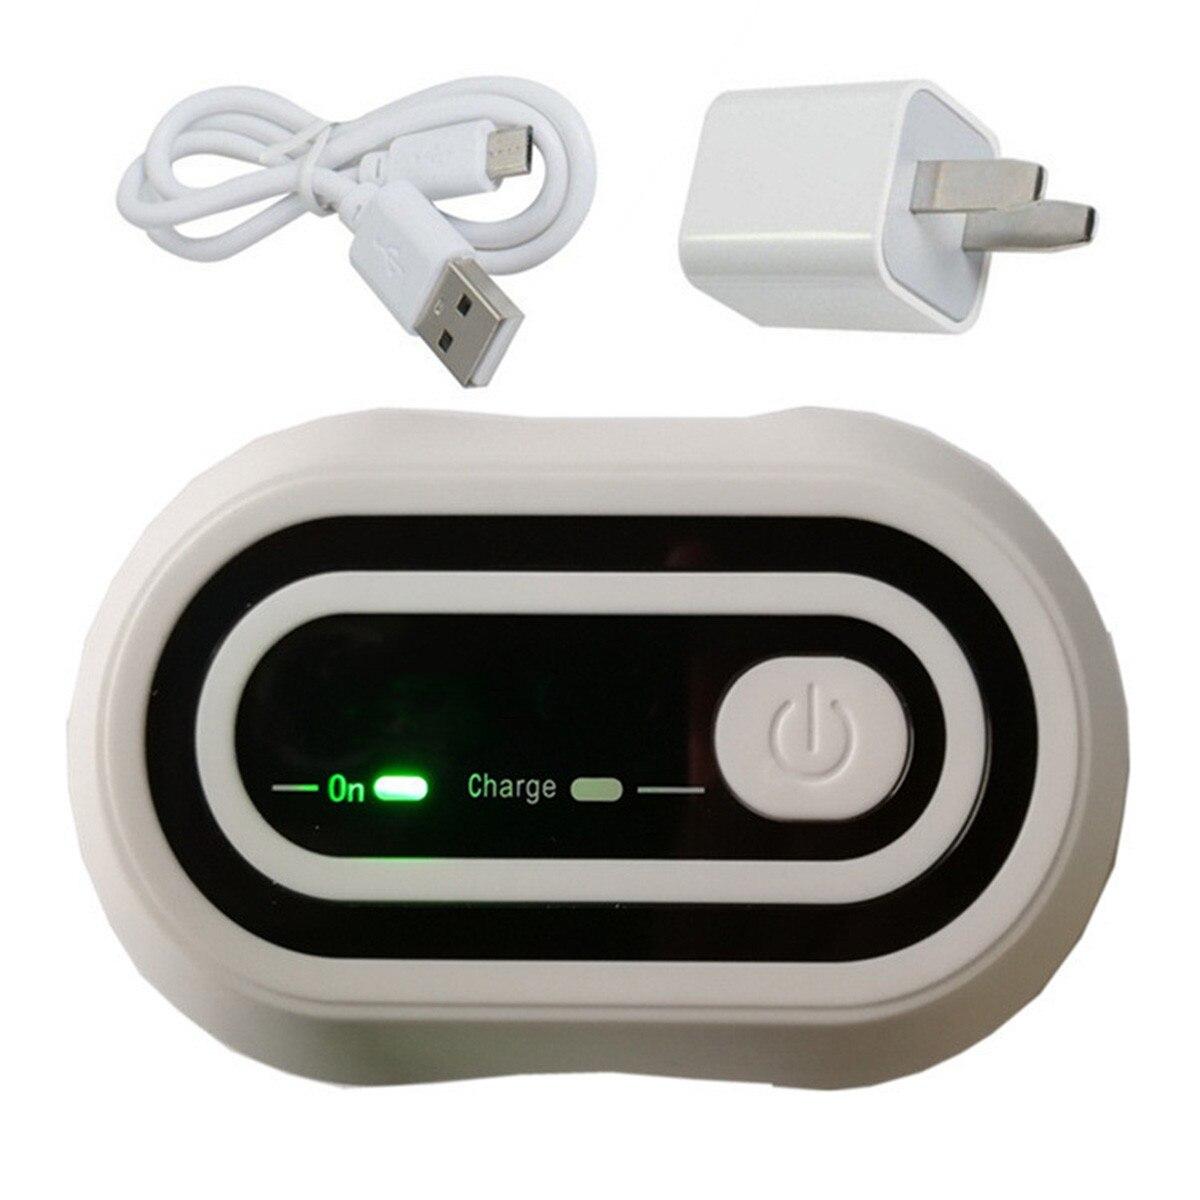 Портативный CPAP озоновый очиститель генератор дезинфицирующий стерилизатор респиратор вентиляционная машина для сна дыхательный очистите...